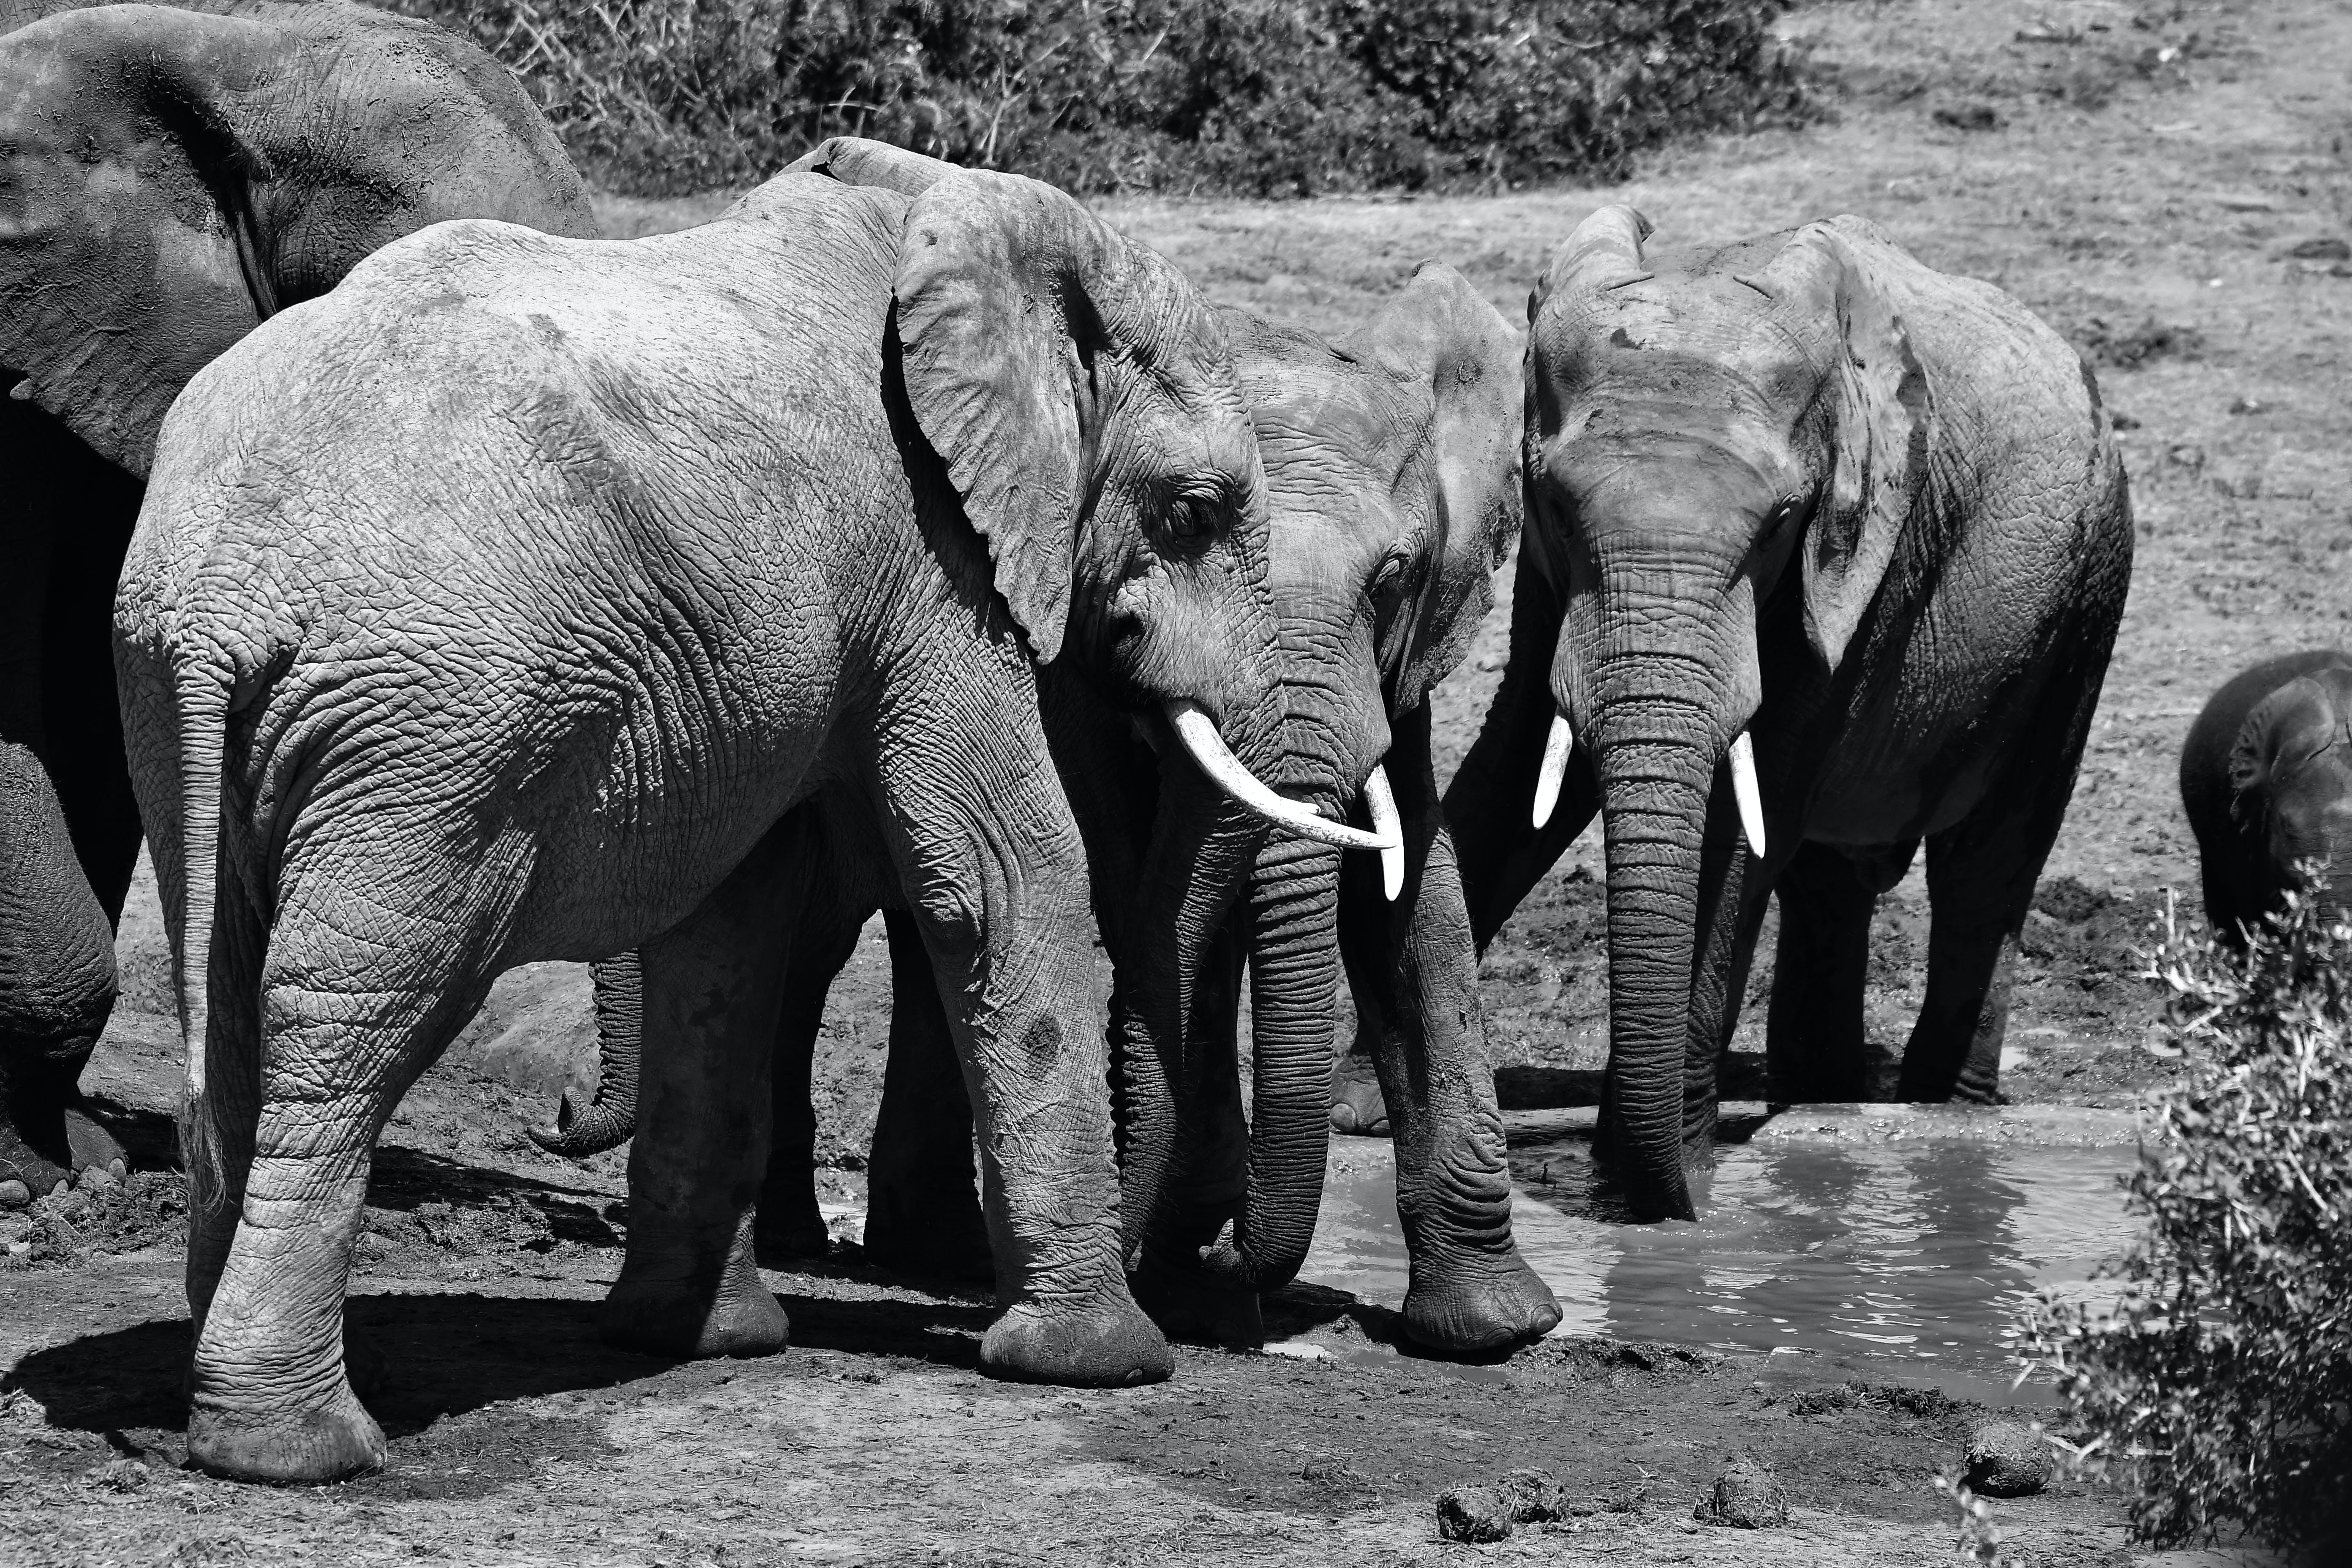 Grayscale Photo of Four Elephants